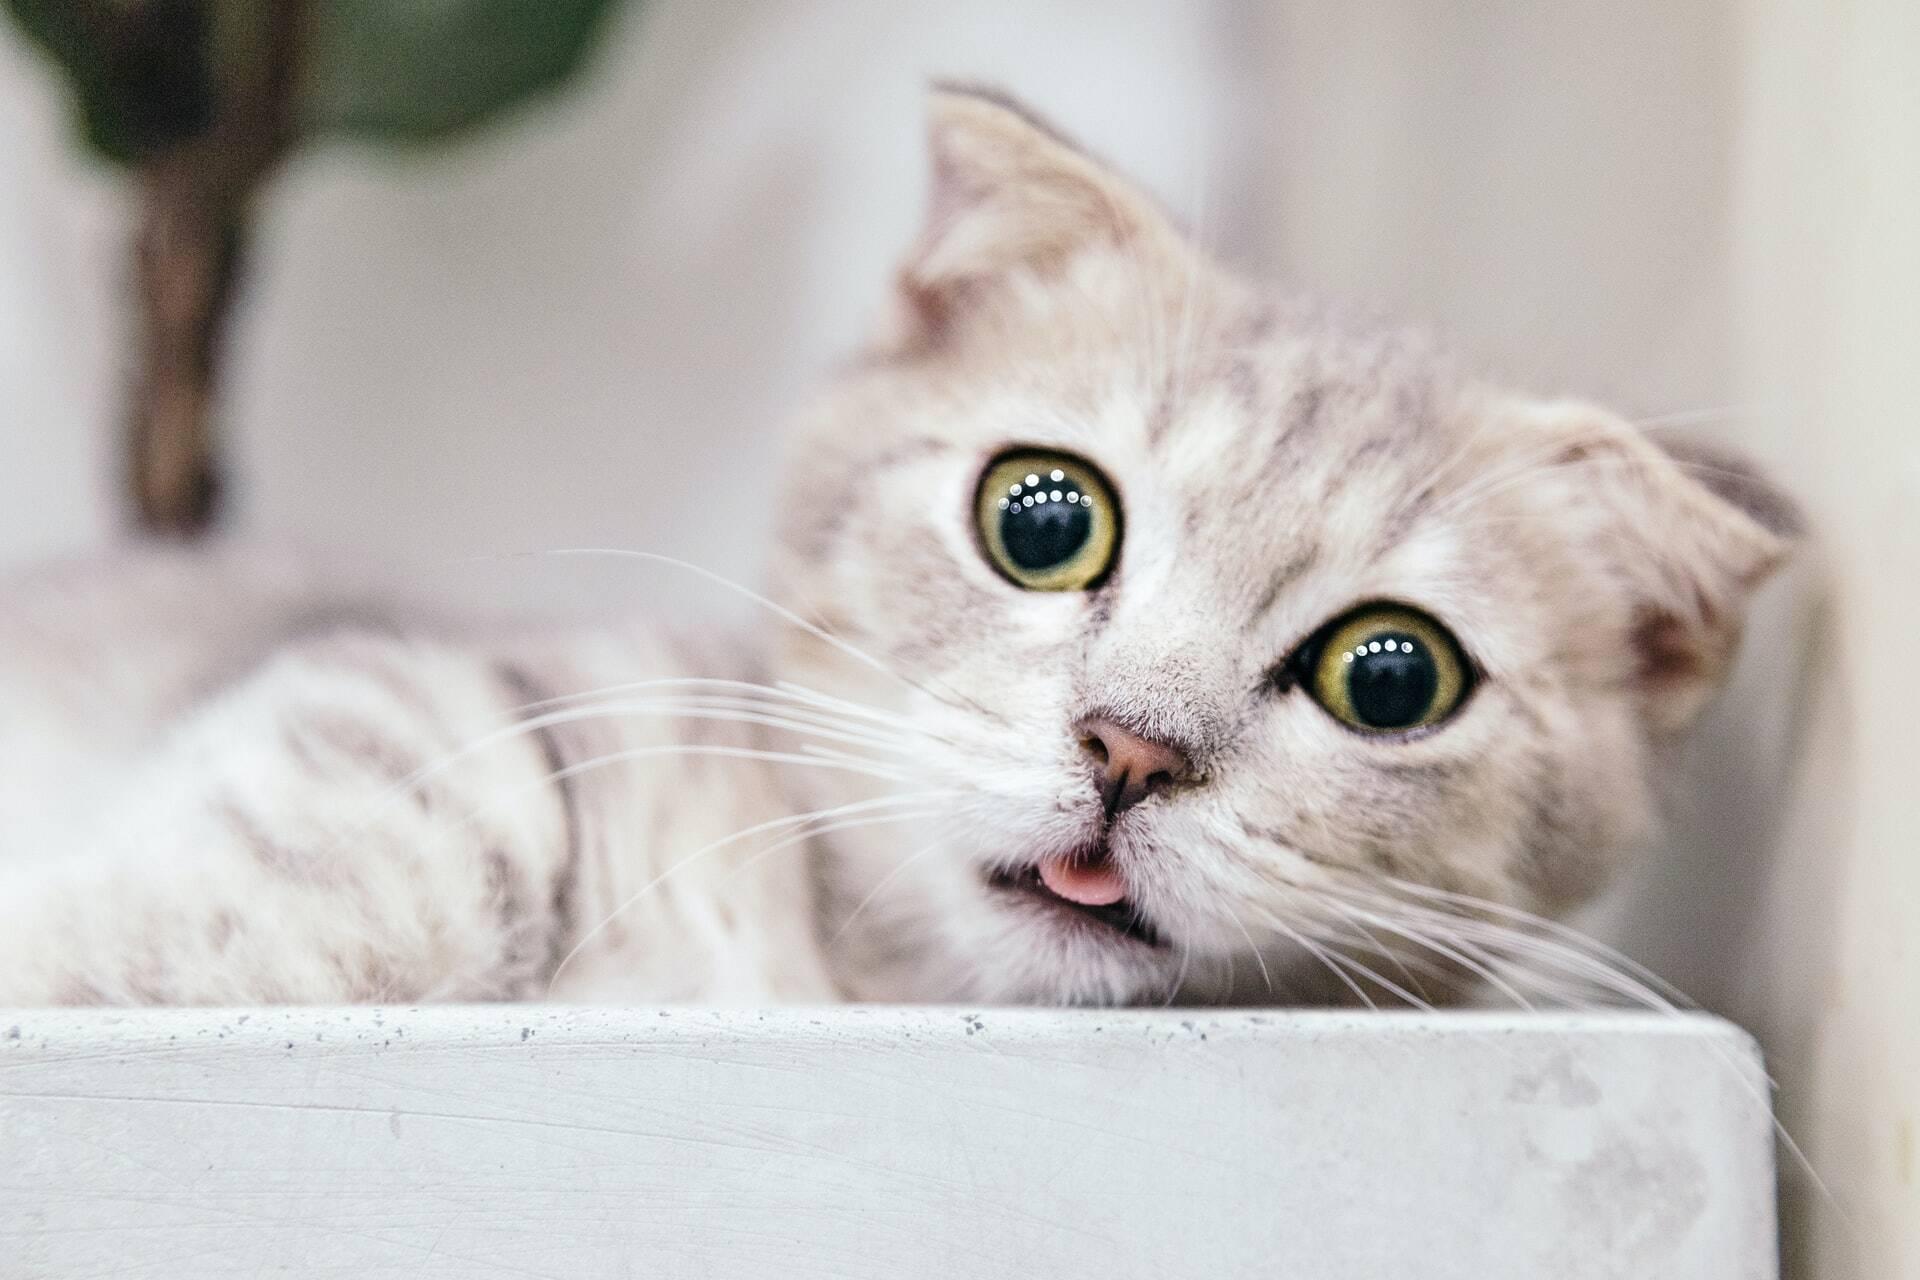 Seu gato está evitando a caixa de areia? Pode ser uma dessas três razões